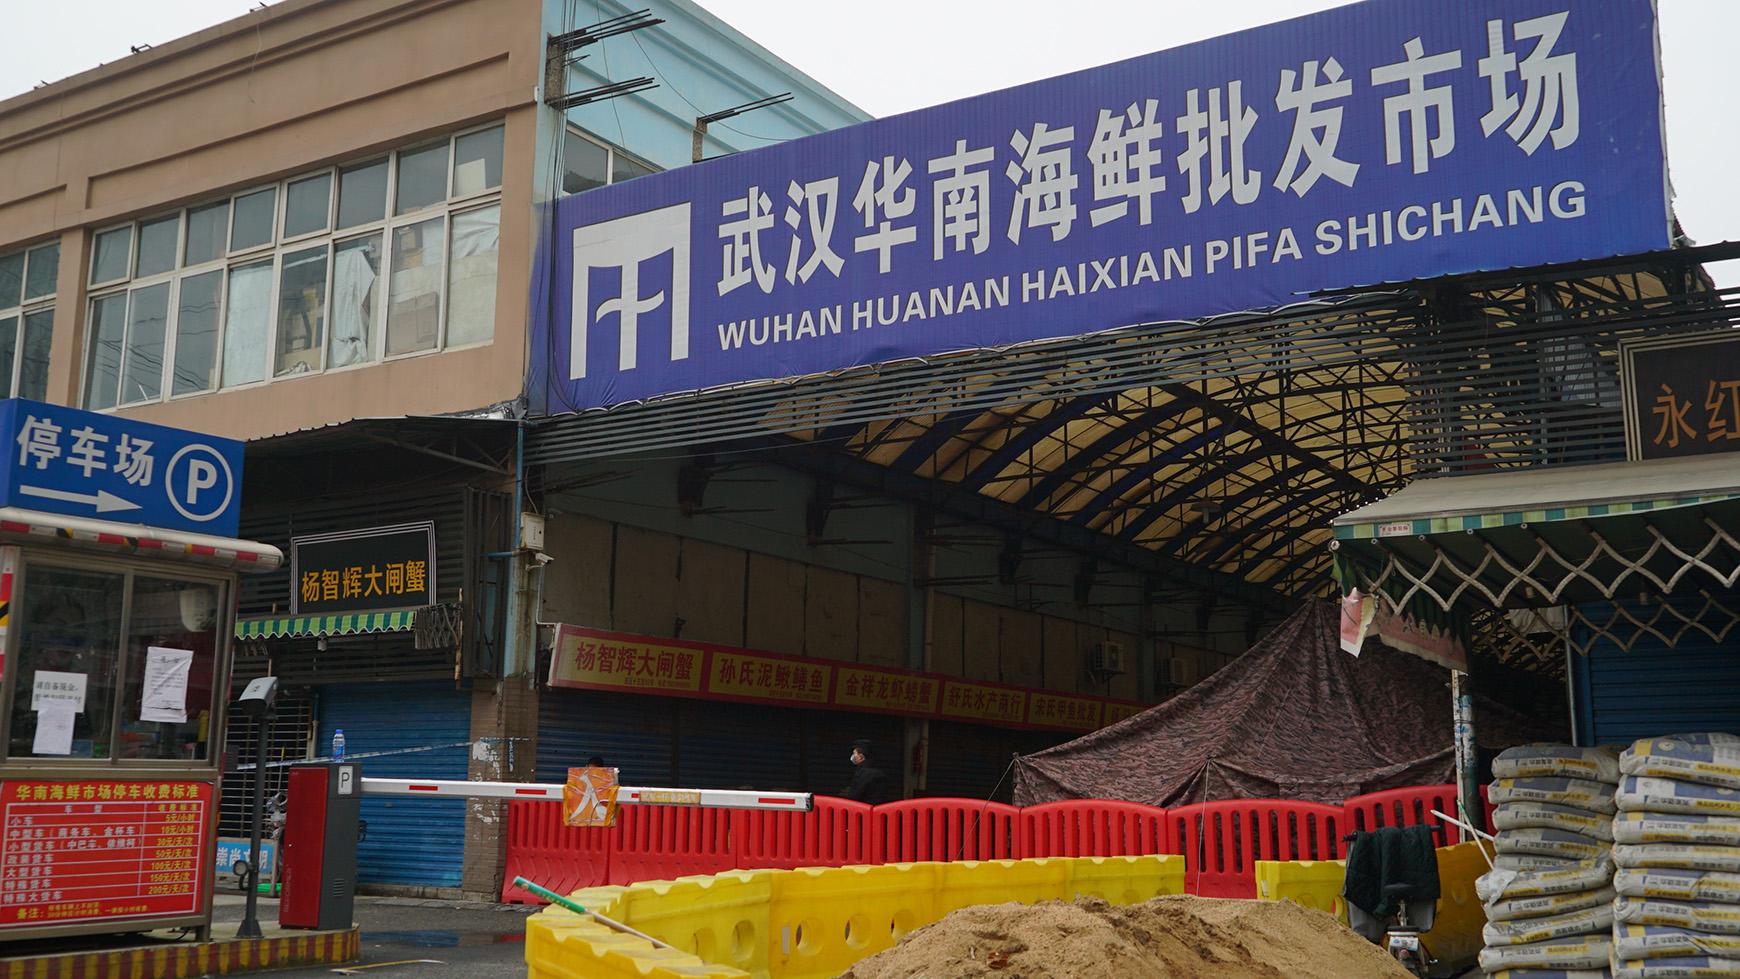 武汉的华南海鲜市场。(美联社)